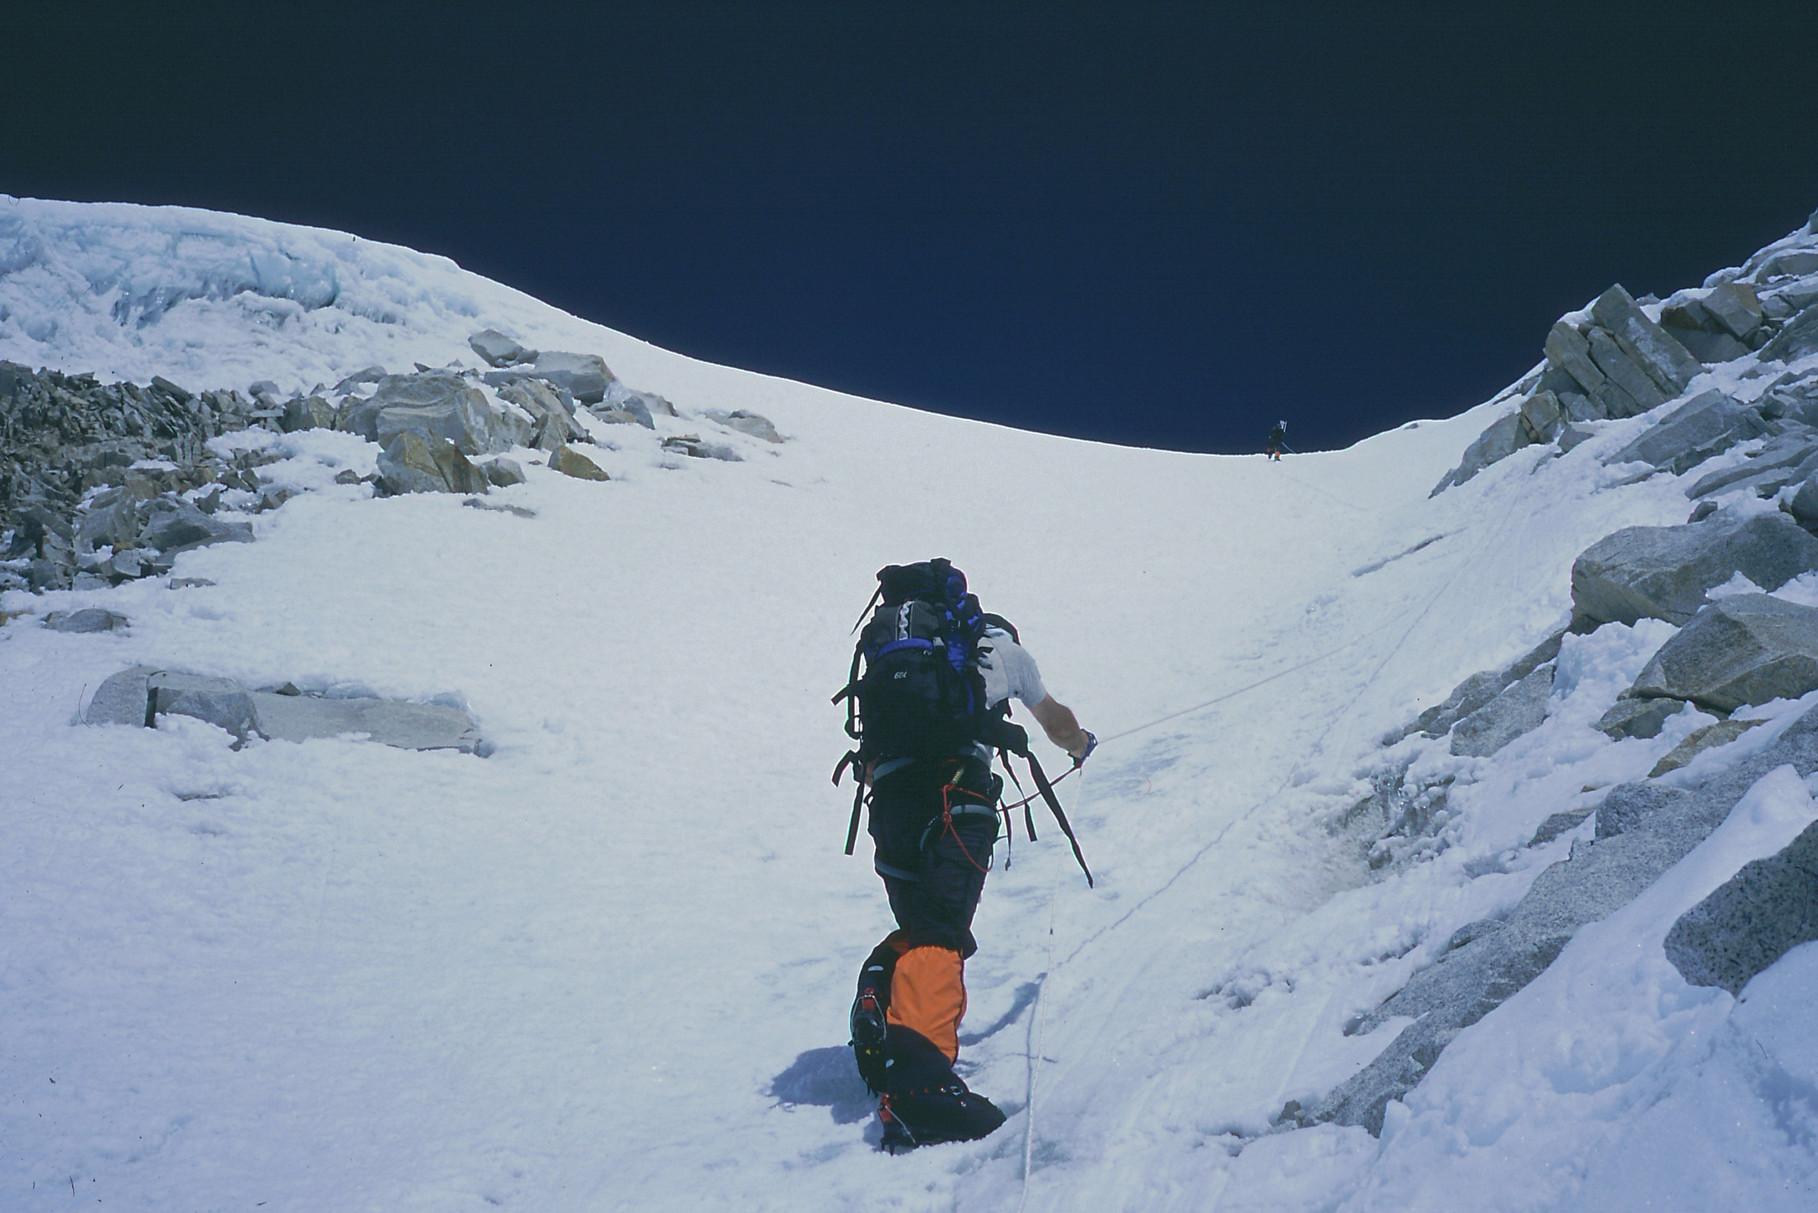 Dans la pente avant l'arête http://www.shangrila-trek.com/trek-peak-island/